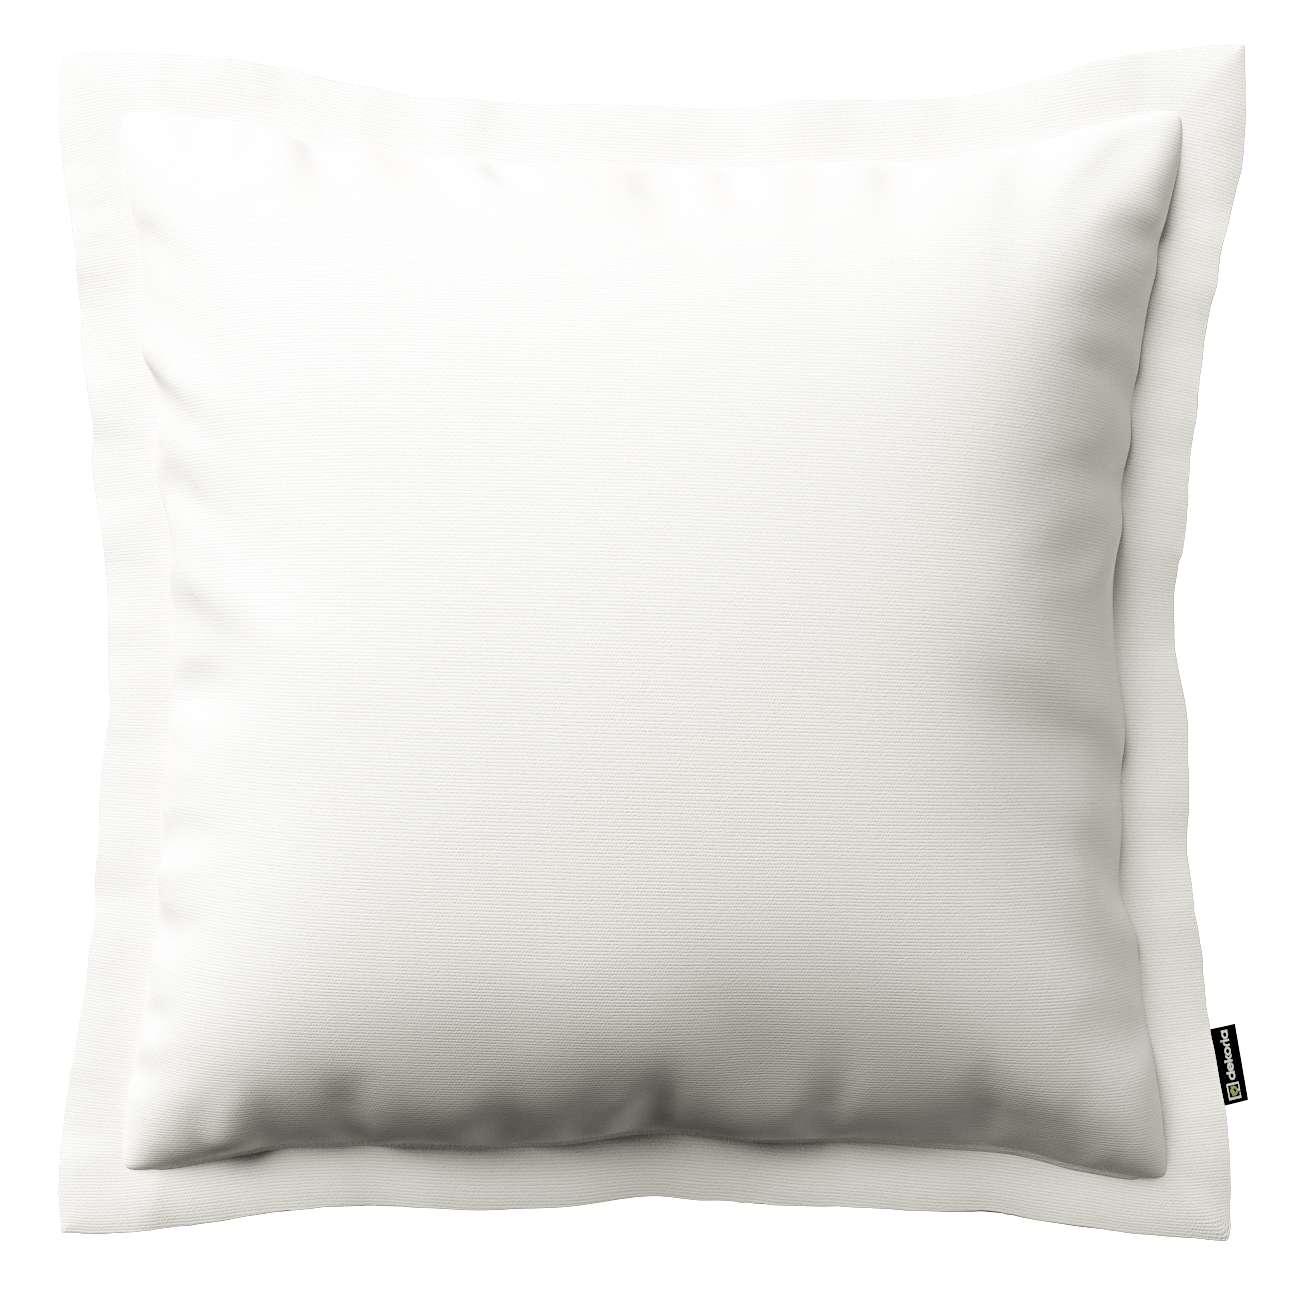 Kissenhülle Mona mit Stehsaum, weiss, 45 × 45 cm, Cotton Panama | Heimtextilien > Bettwäsche und Laken > Kopfkissenbezüge | Dekoria